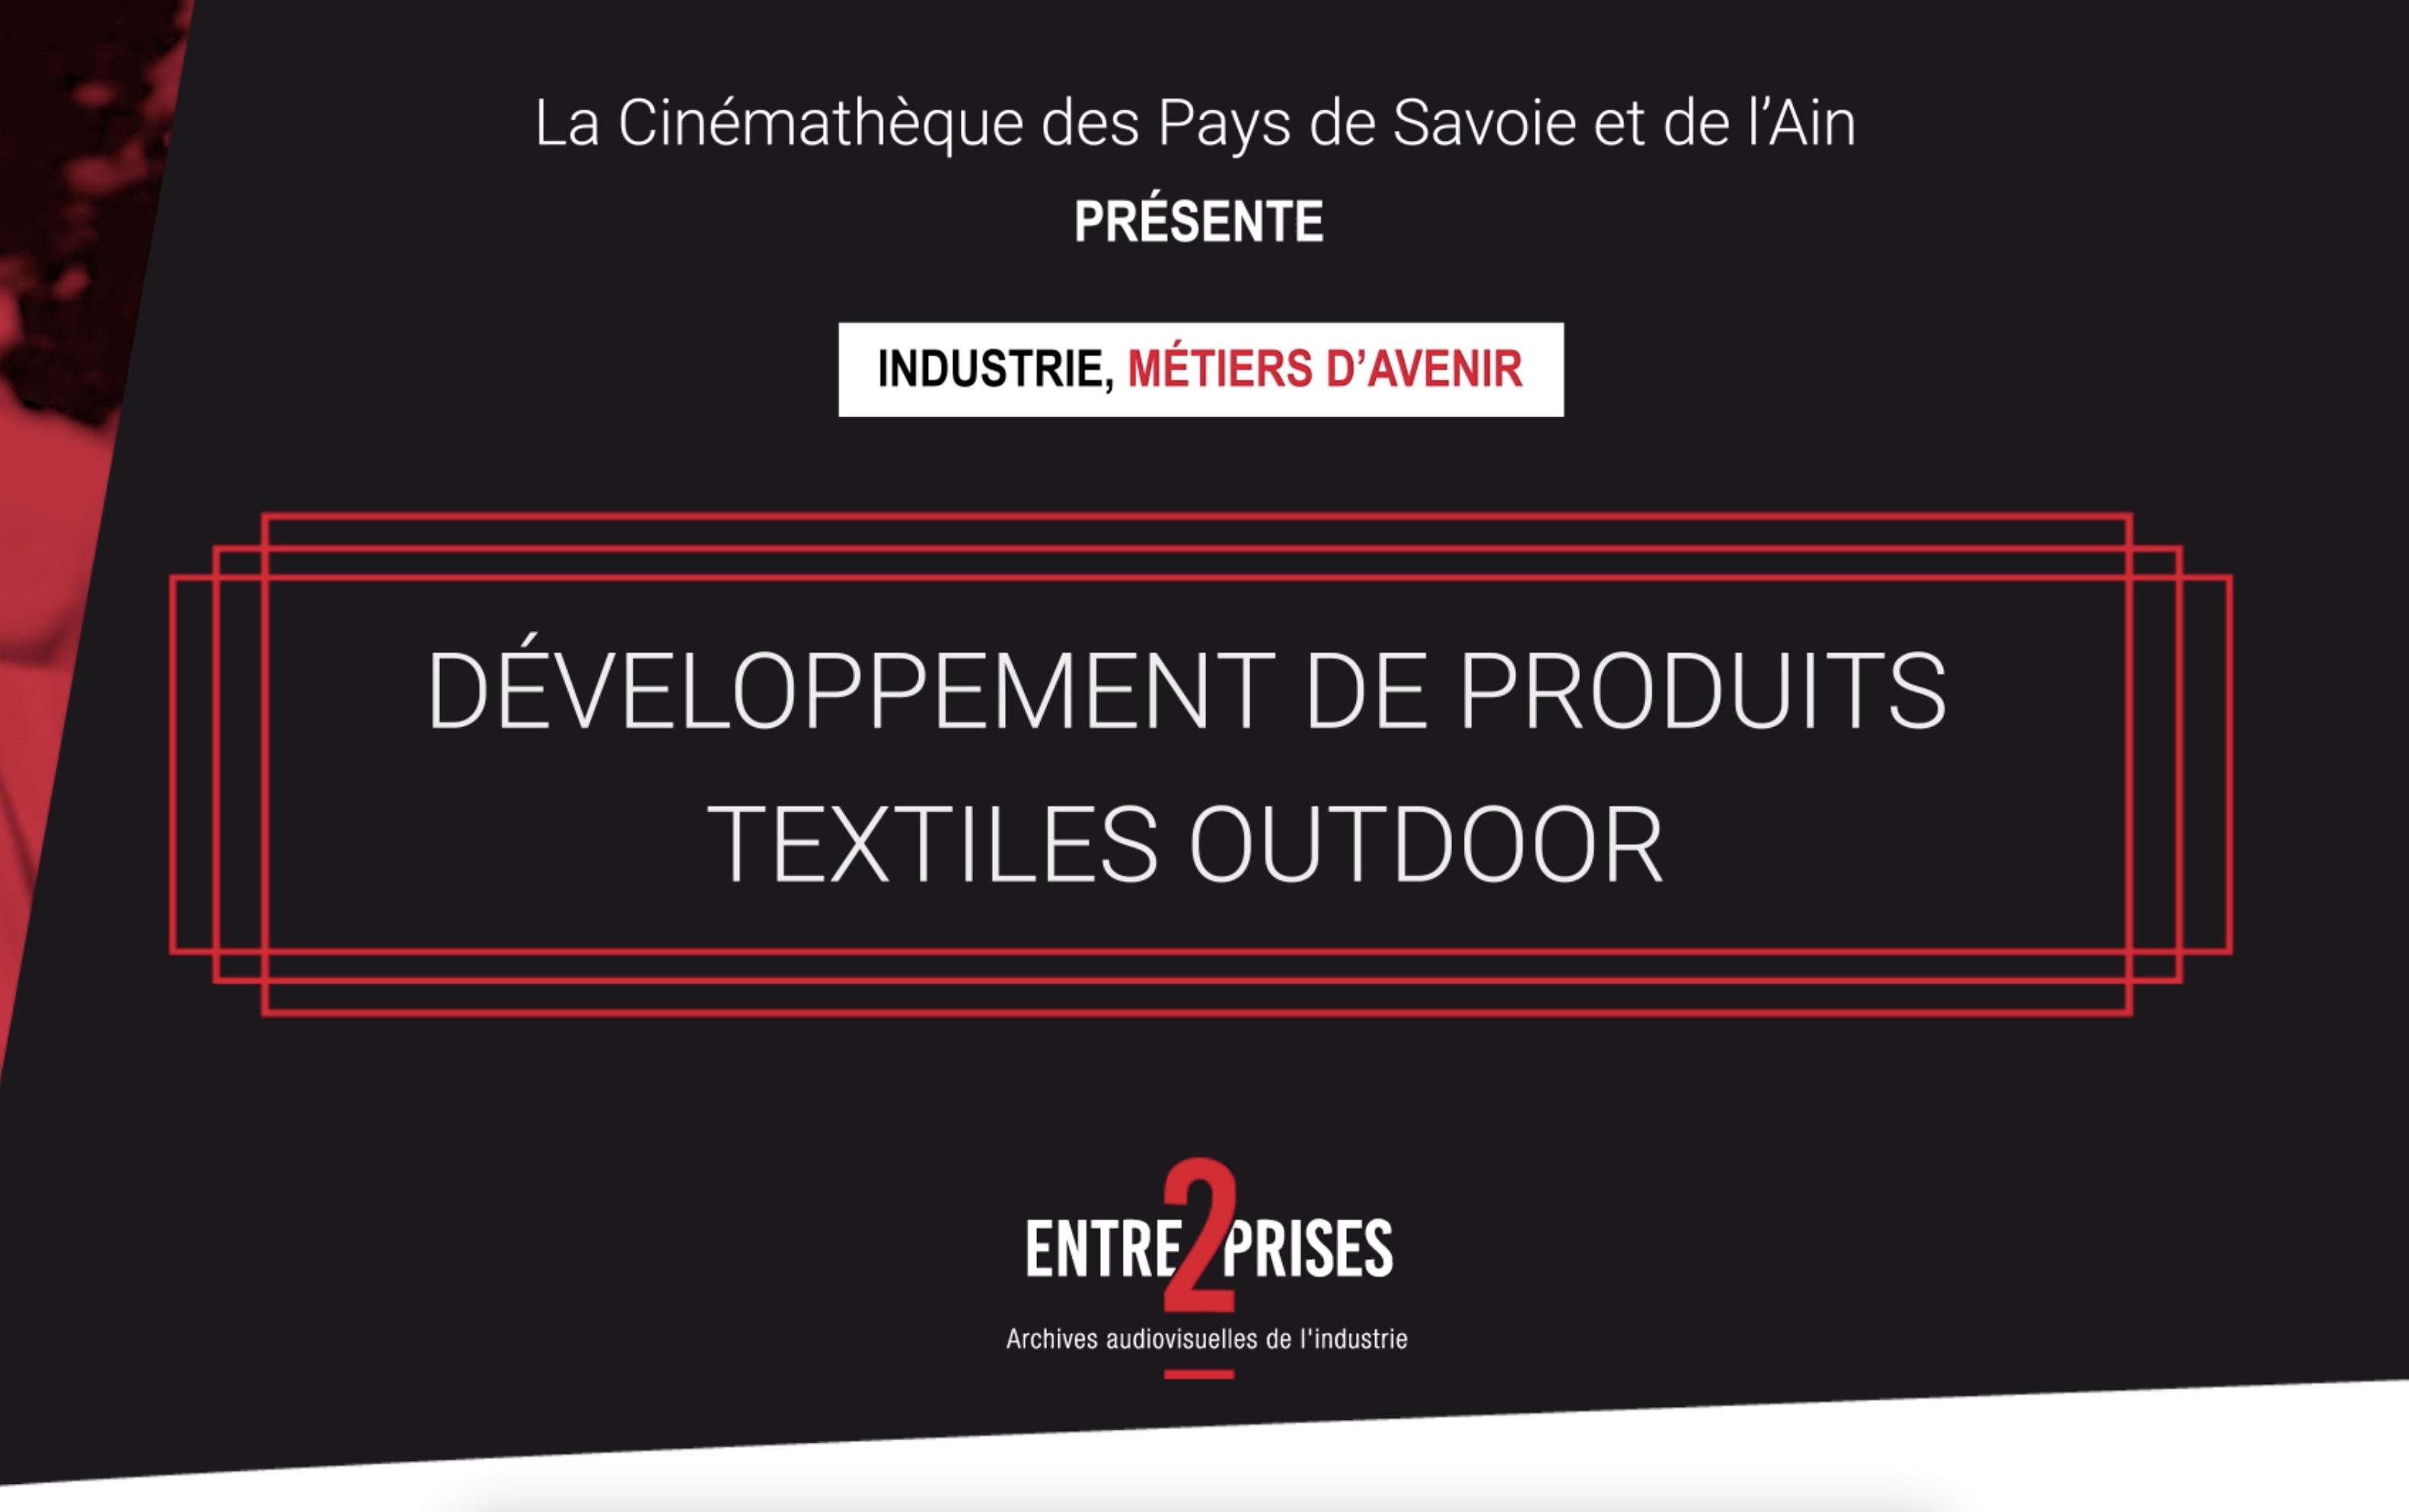 Développement de produits textiles outdoor